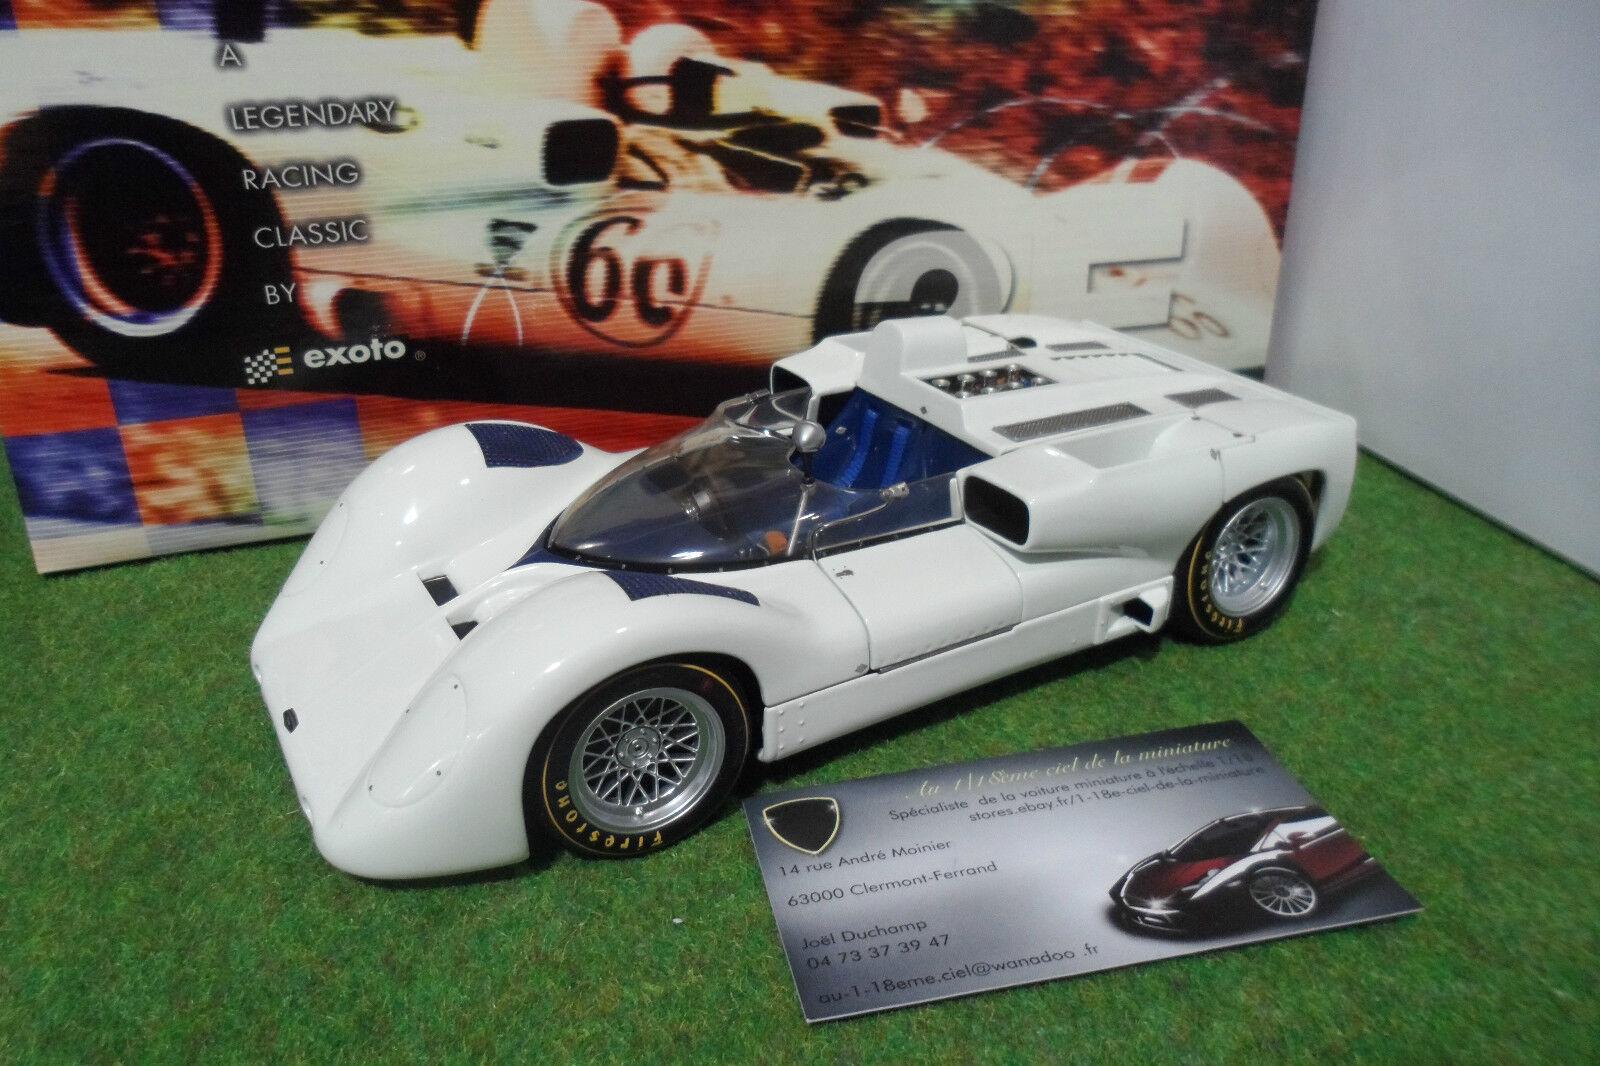 Chaparral Art 2E street white White 1966 can-am zur 1 18 Exoto RLG 18160 Auto